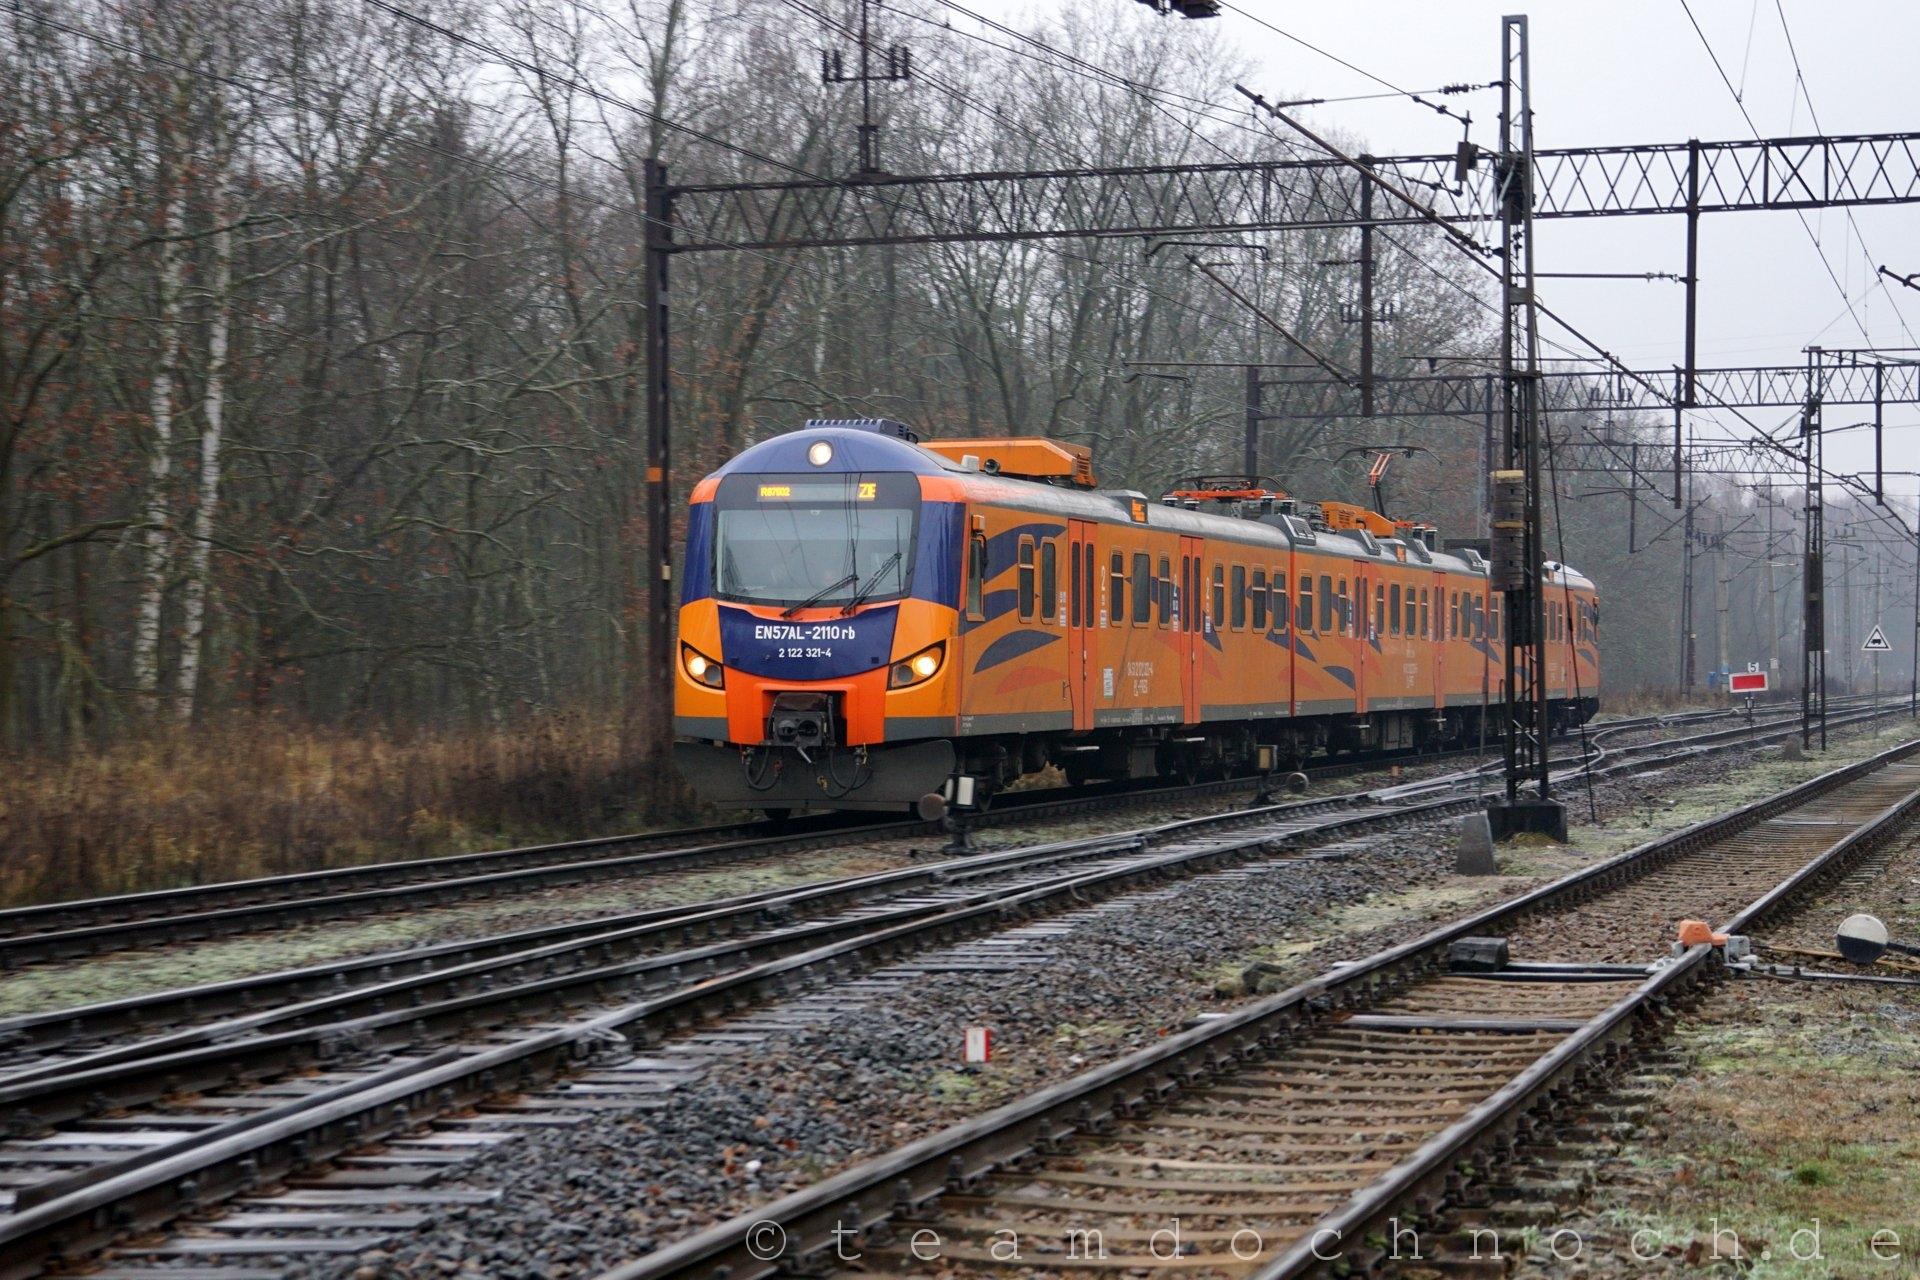 EN57AL-2110rb bei Einfahrt in den Bahnhof von Kostrzyn aus Richtung Norden